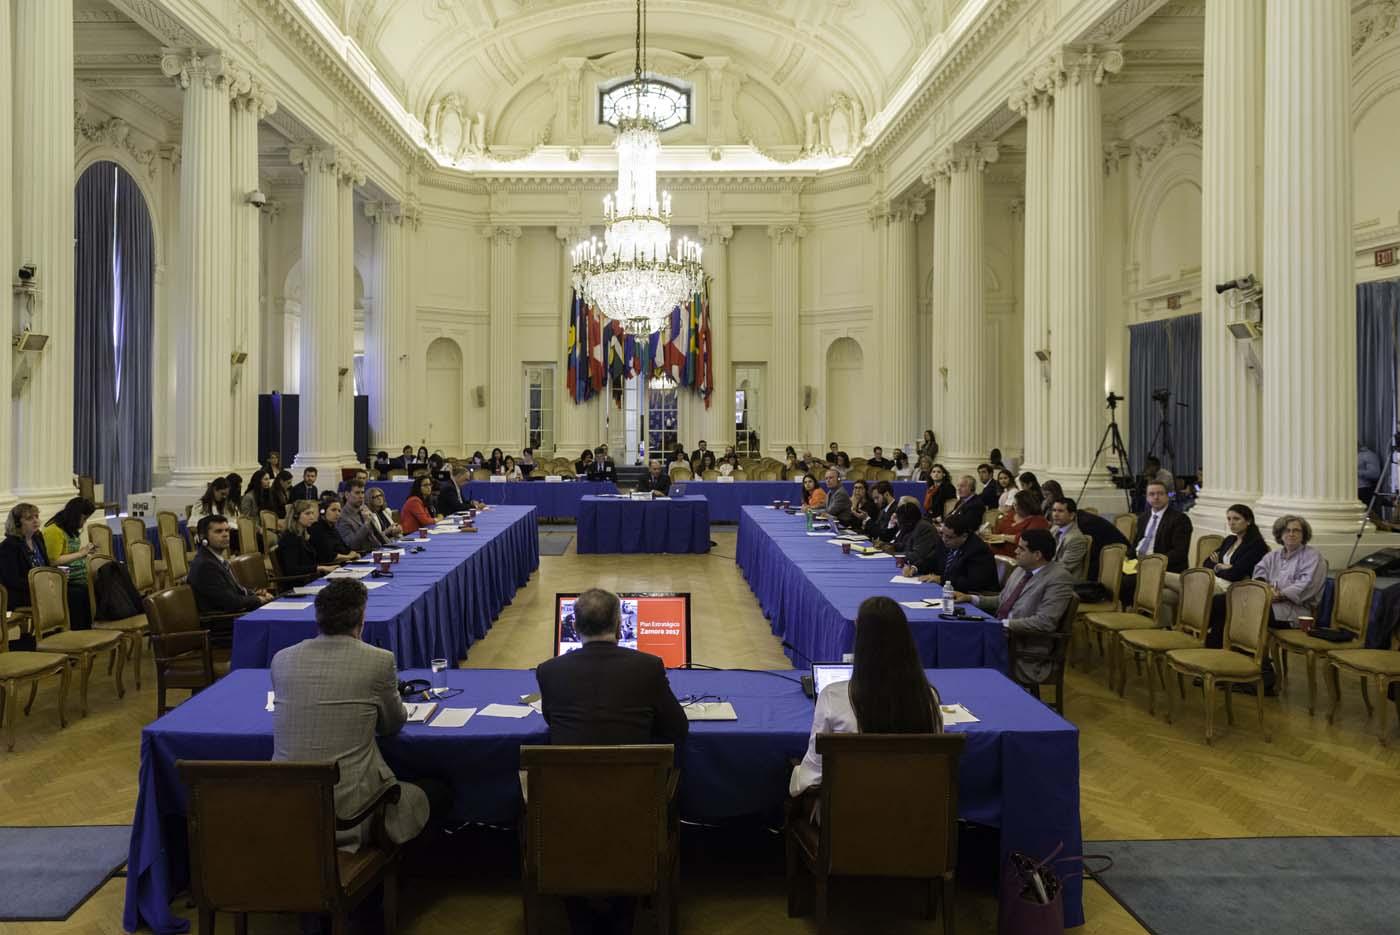 MIA16. WASHINGTON (DC, EE.UU.), 15/09/2017.- Fotografía cedida por la OEA de una vista general de la audiencia pública en la que se determinará si hay fundamento para denunciar al Gobierno de Venezuela por crímenes de lesa humanidad ante la Corte Penal Internacional (CPI), hoy viernes, 15 de septiembre 2017, en la sede de la Organización de los Estados Americanos (OEA) en Washington, DC (EE.UU.). El secretario general de la Organización de los Estados Americanos (OEA), Luis Almagro, ha nombrado a tres juristas de Argentina, Costa Rica y Canadá para que evalúen si hay base para llevar al Gobierno de Venezuela ante la Corte Penal Internacional (CPI). EFE/Juan Manuel Herrera/OEA/SOLO USO EDITORIAL/NO VENTAS